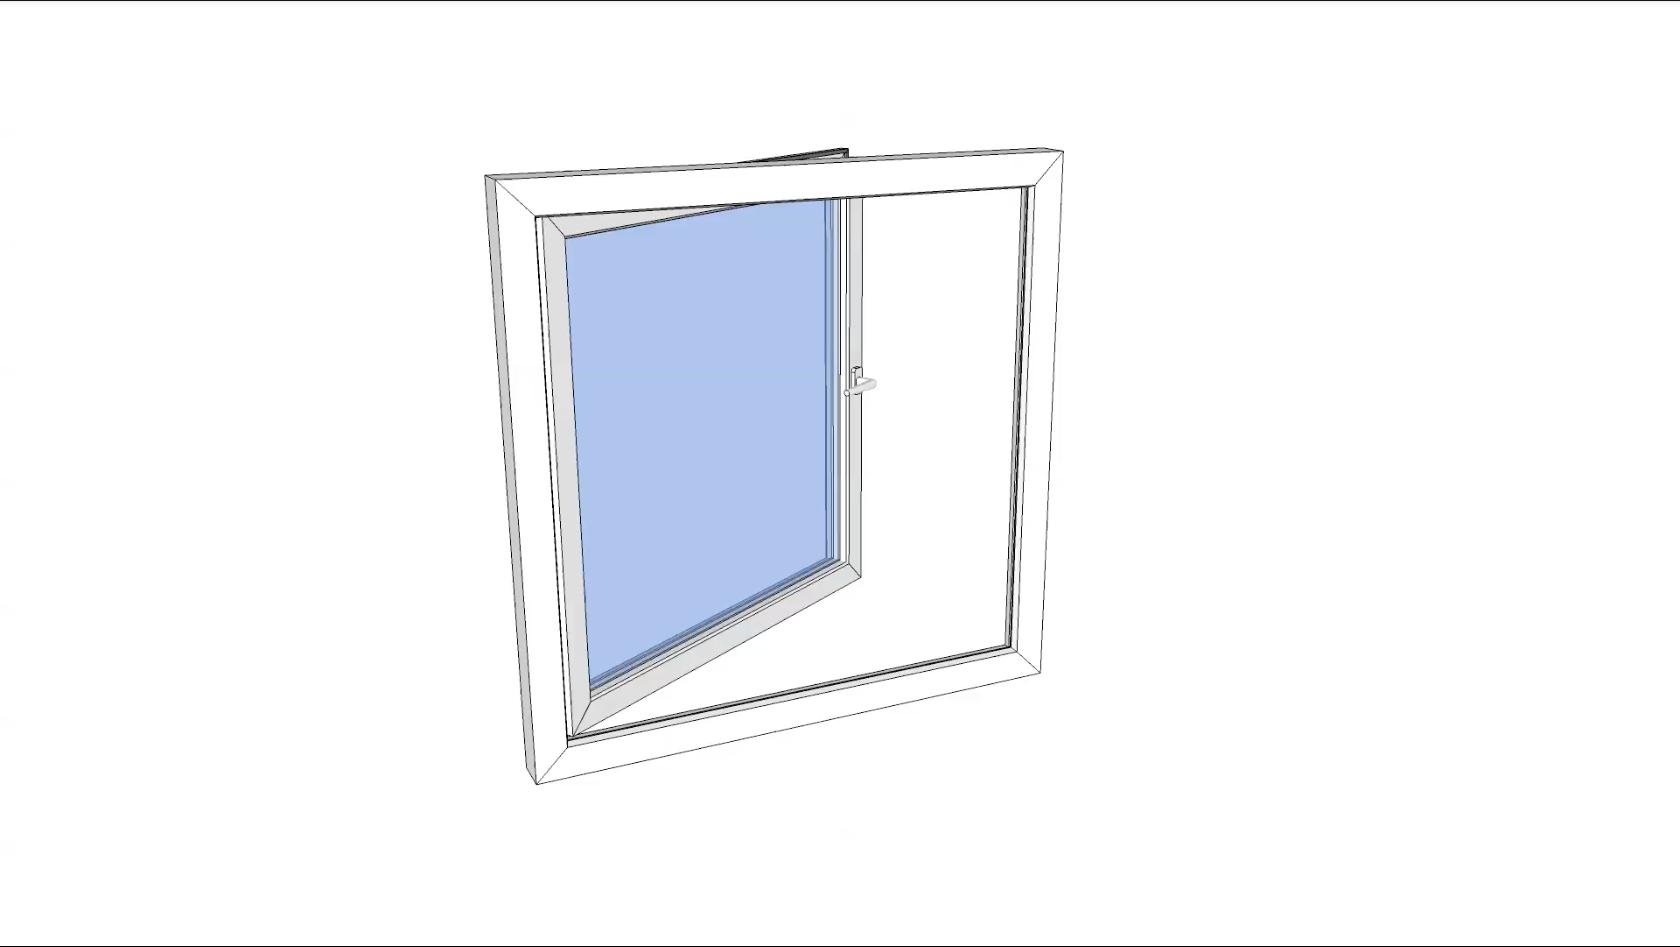 Befaring ang vinduer og dører